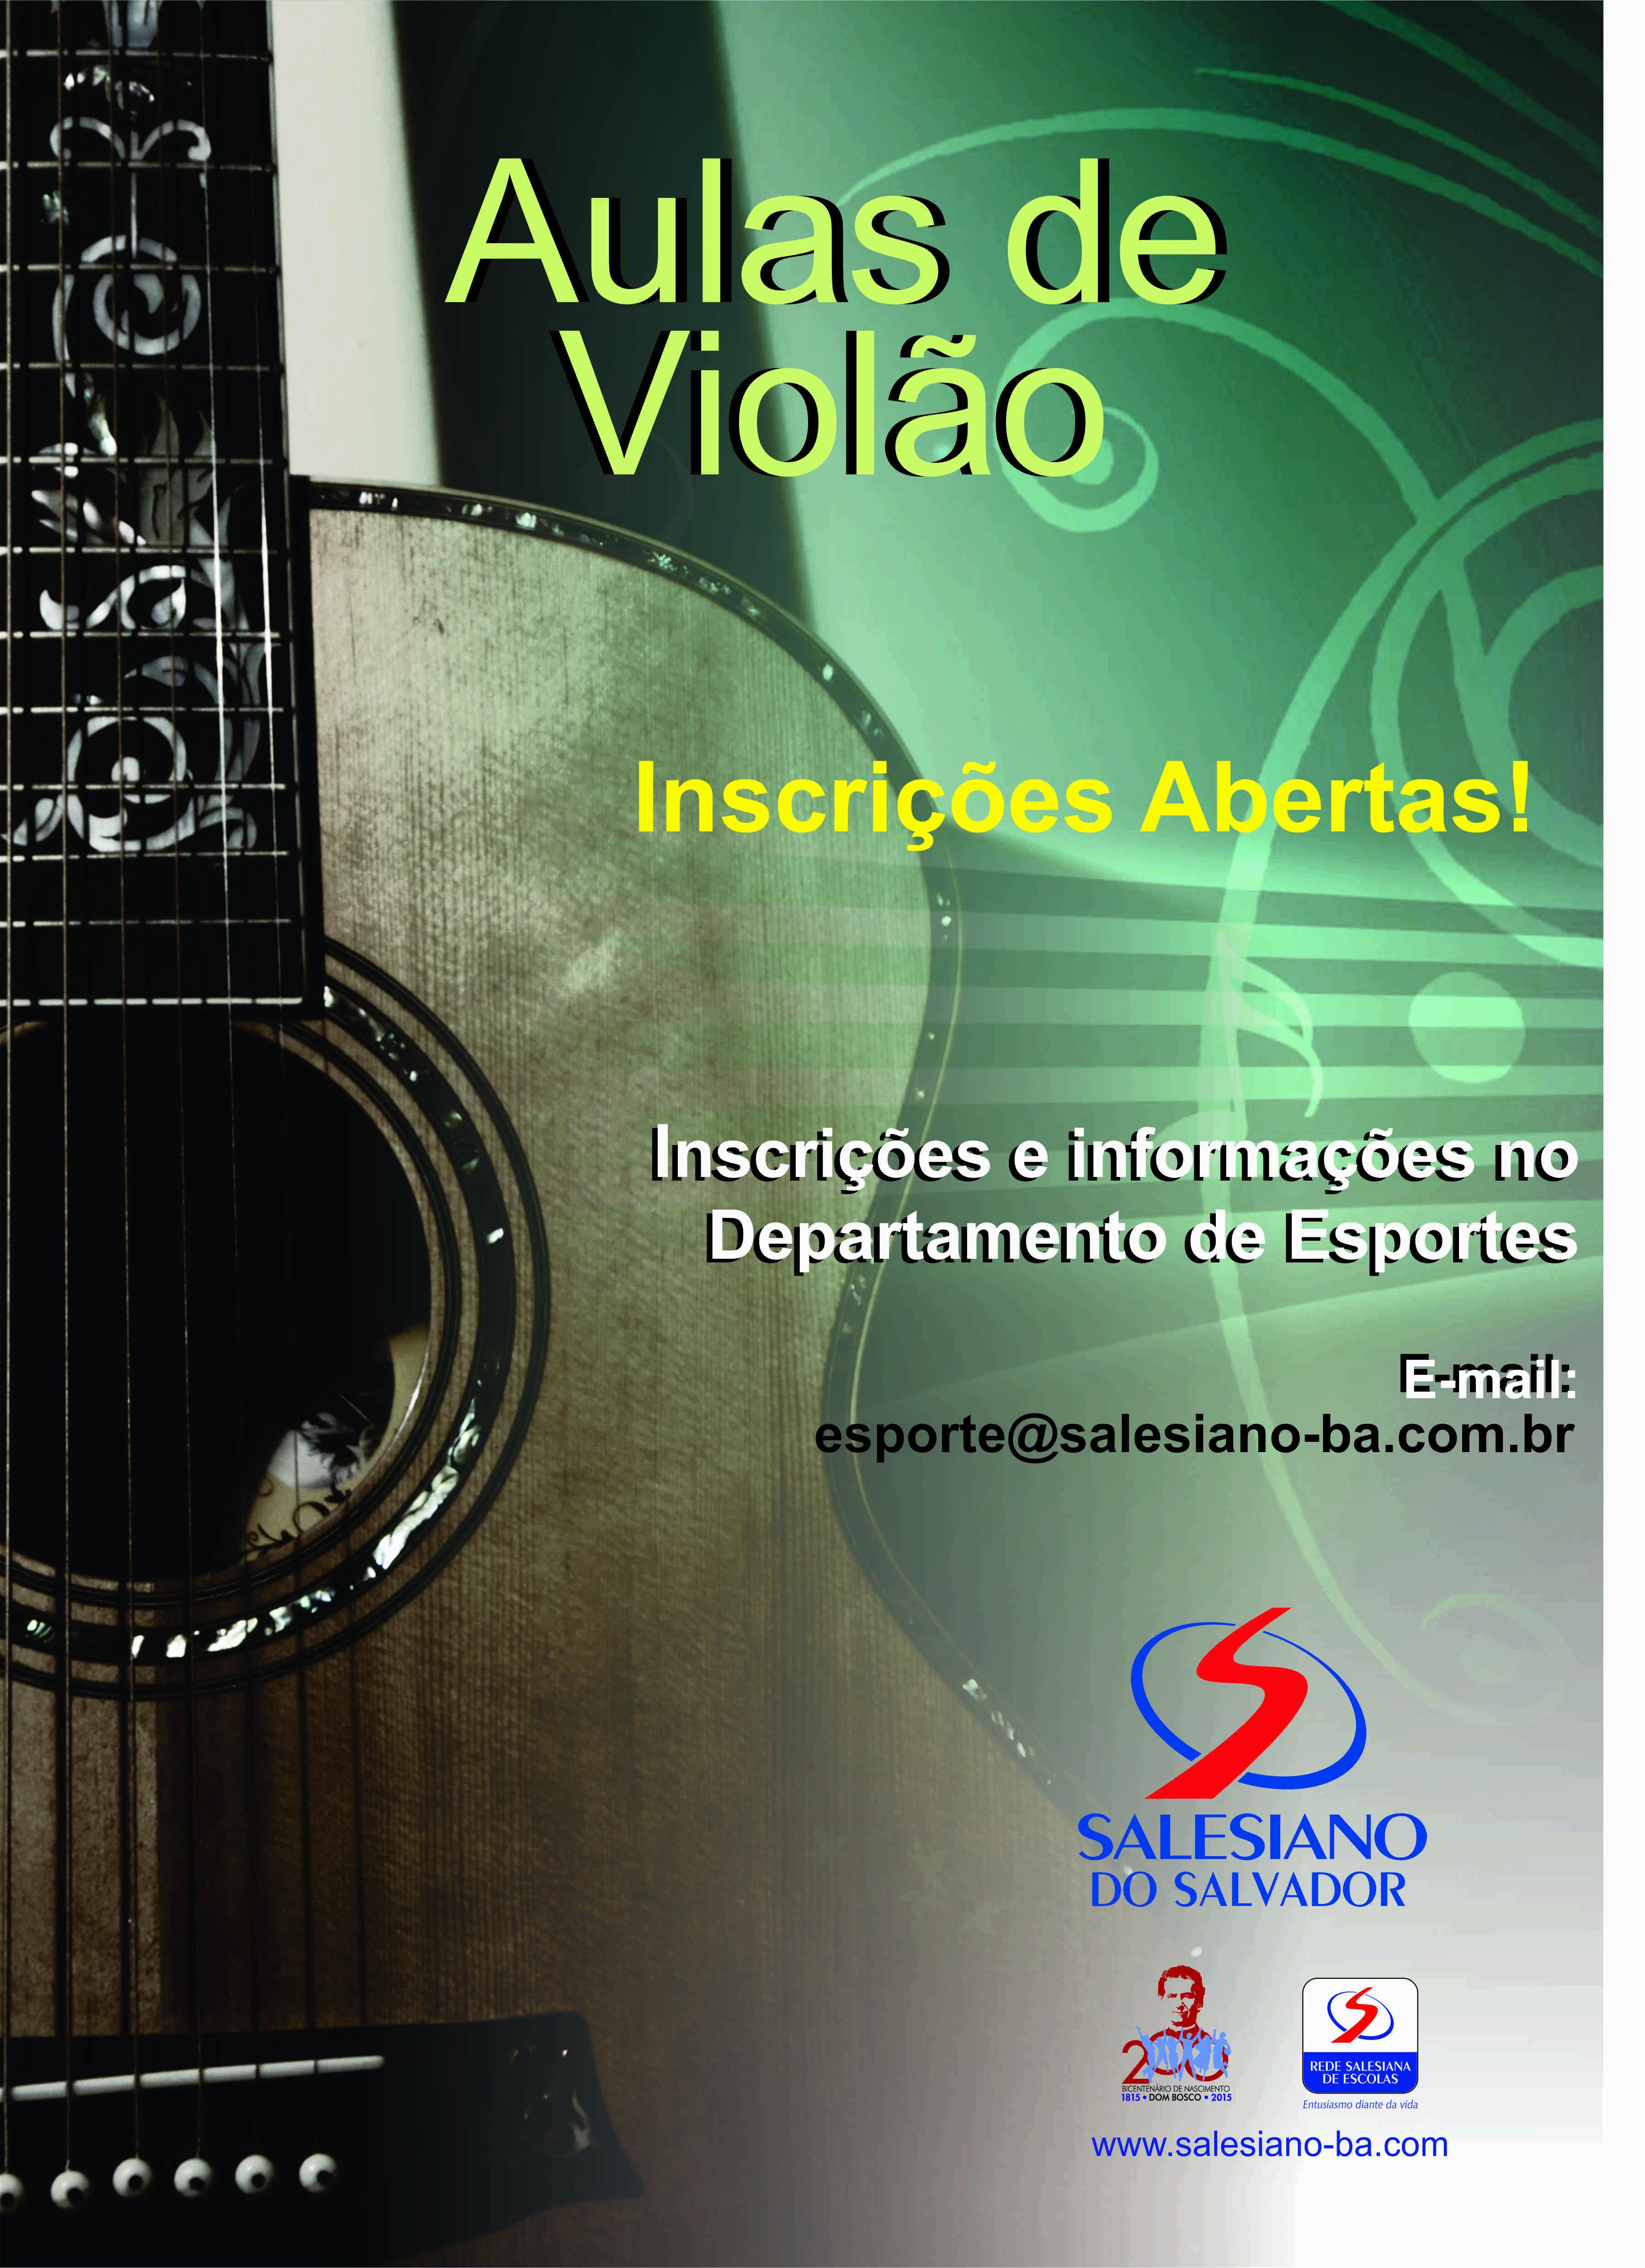 Oficina_de_viol_o